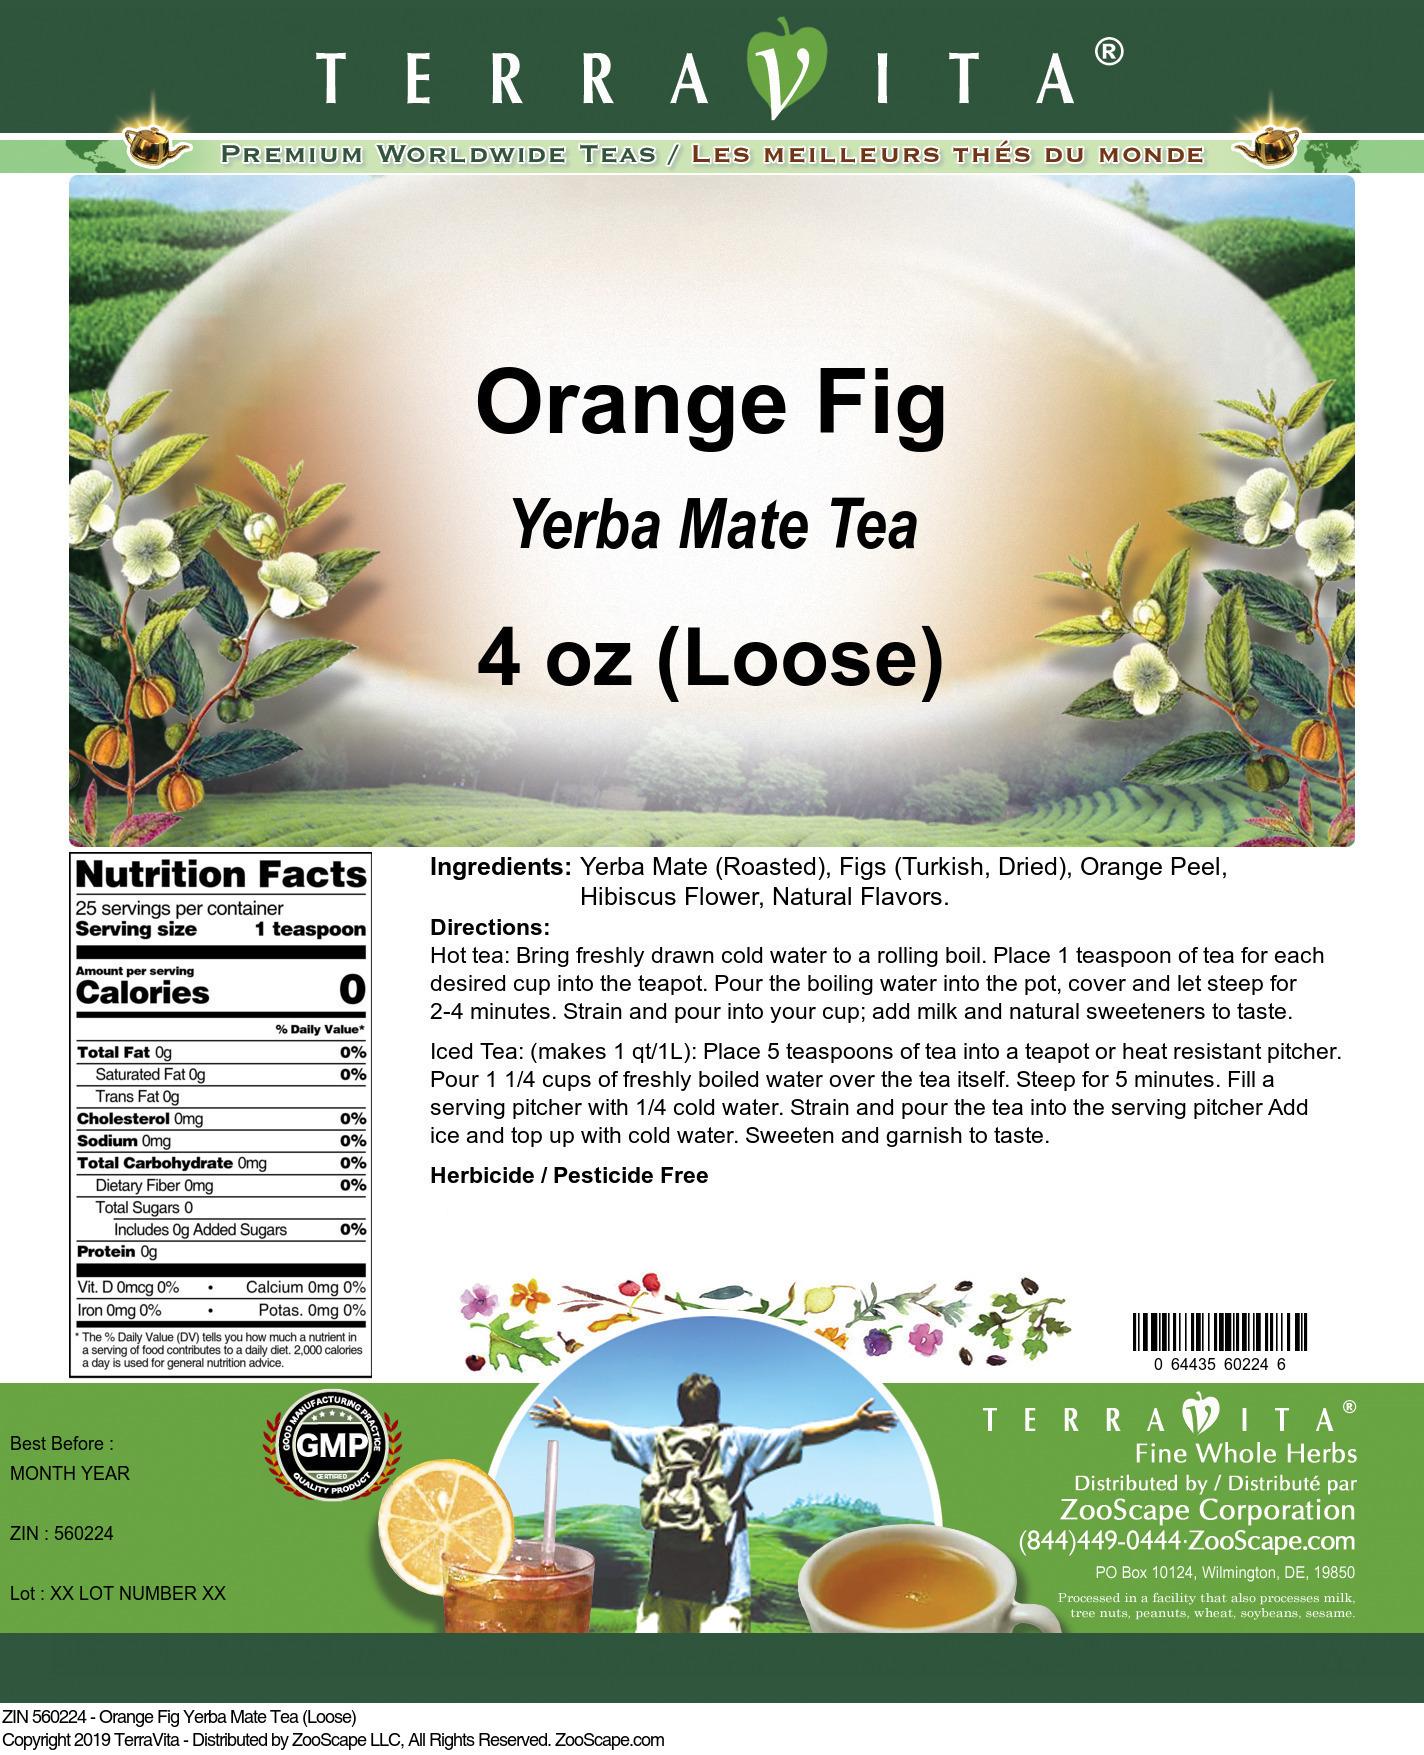 Orange Fig Yerba Mate Tea (Loose)